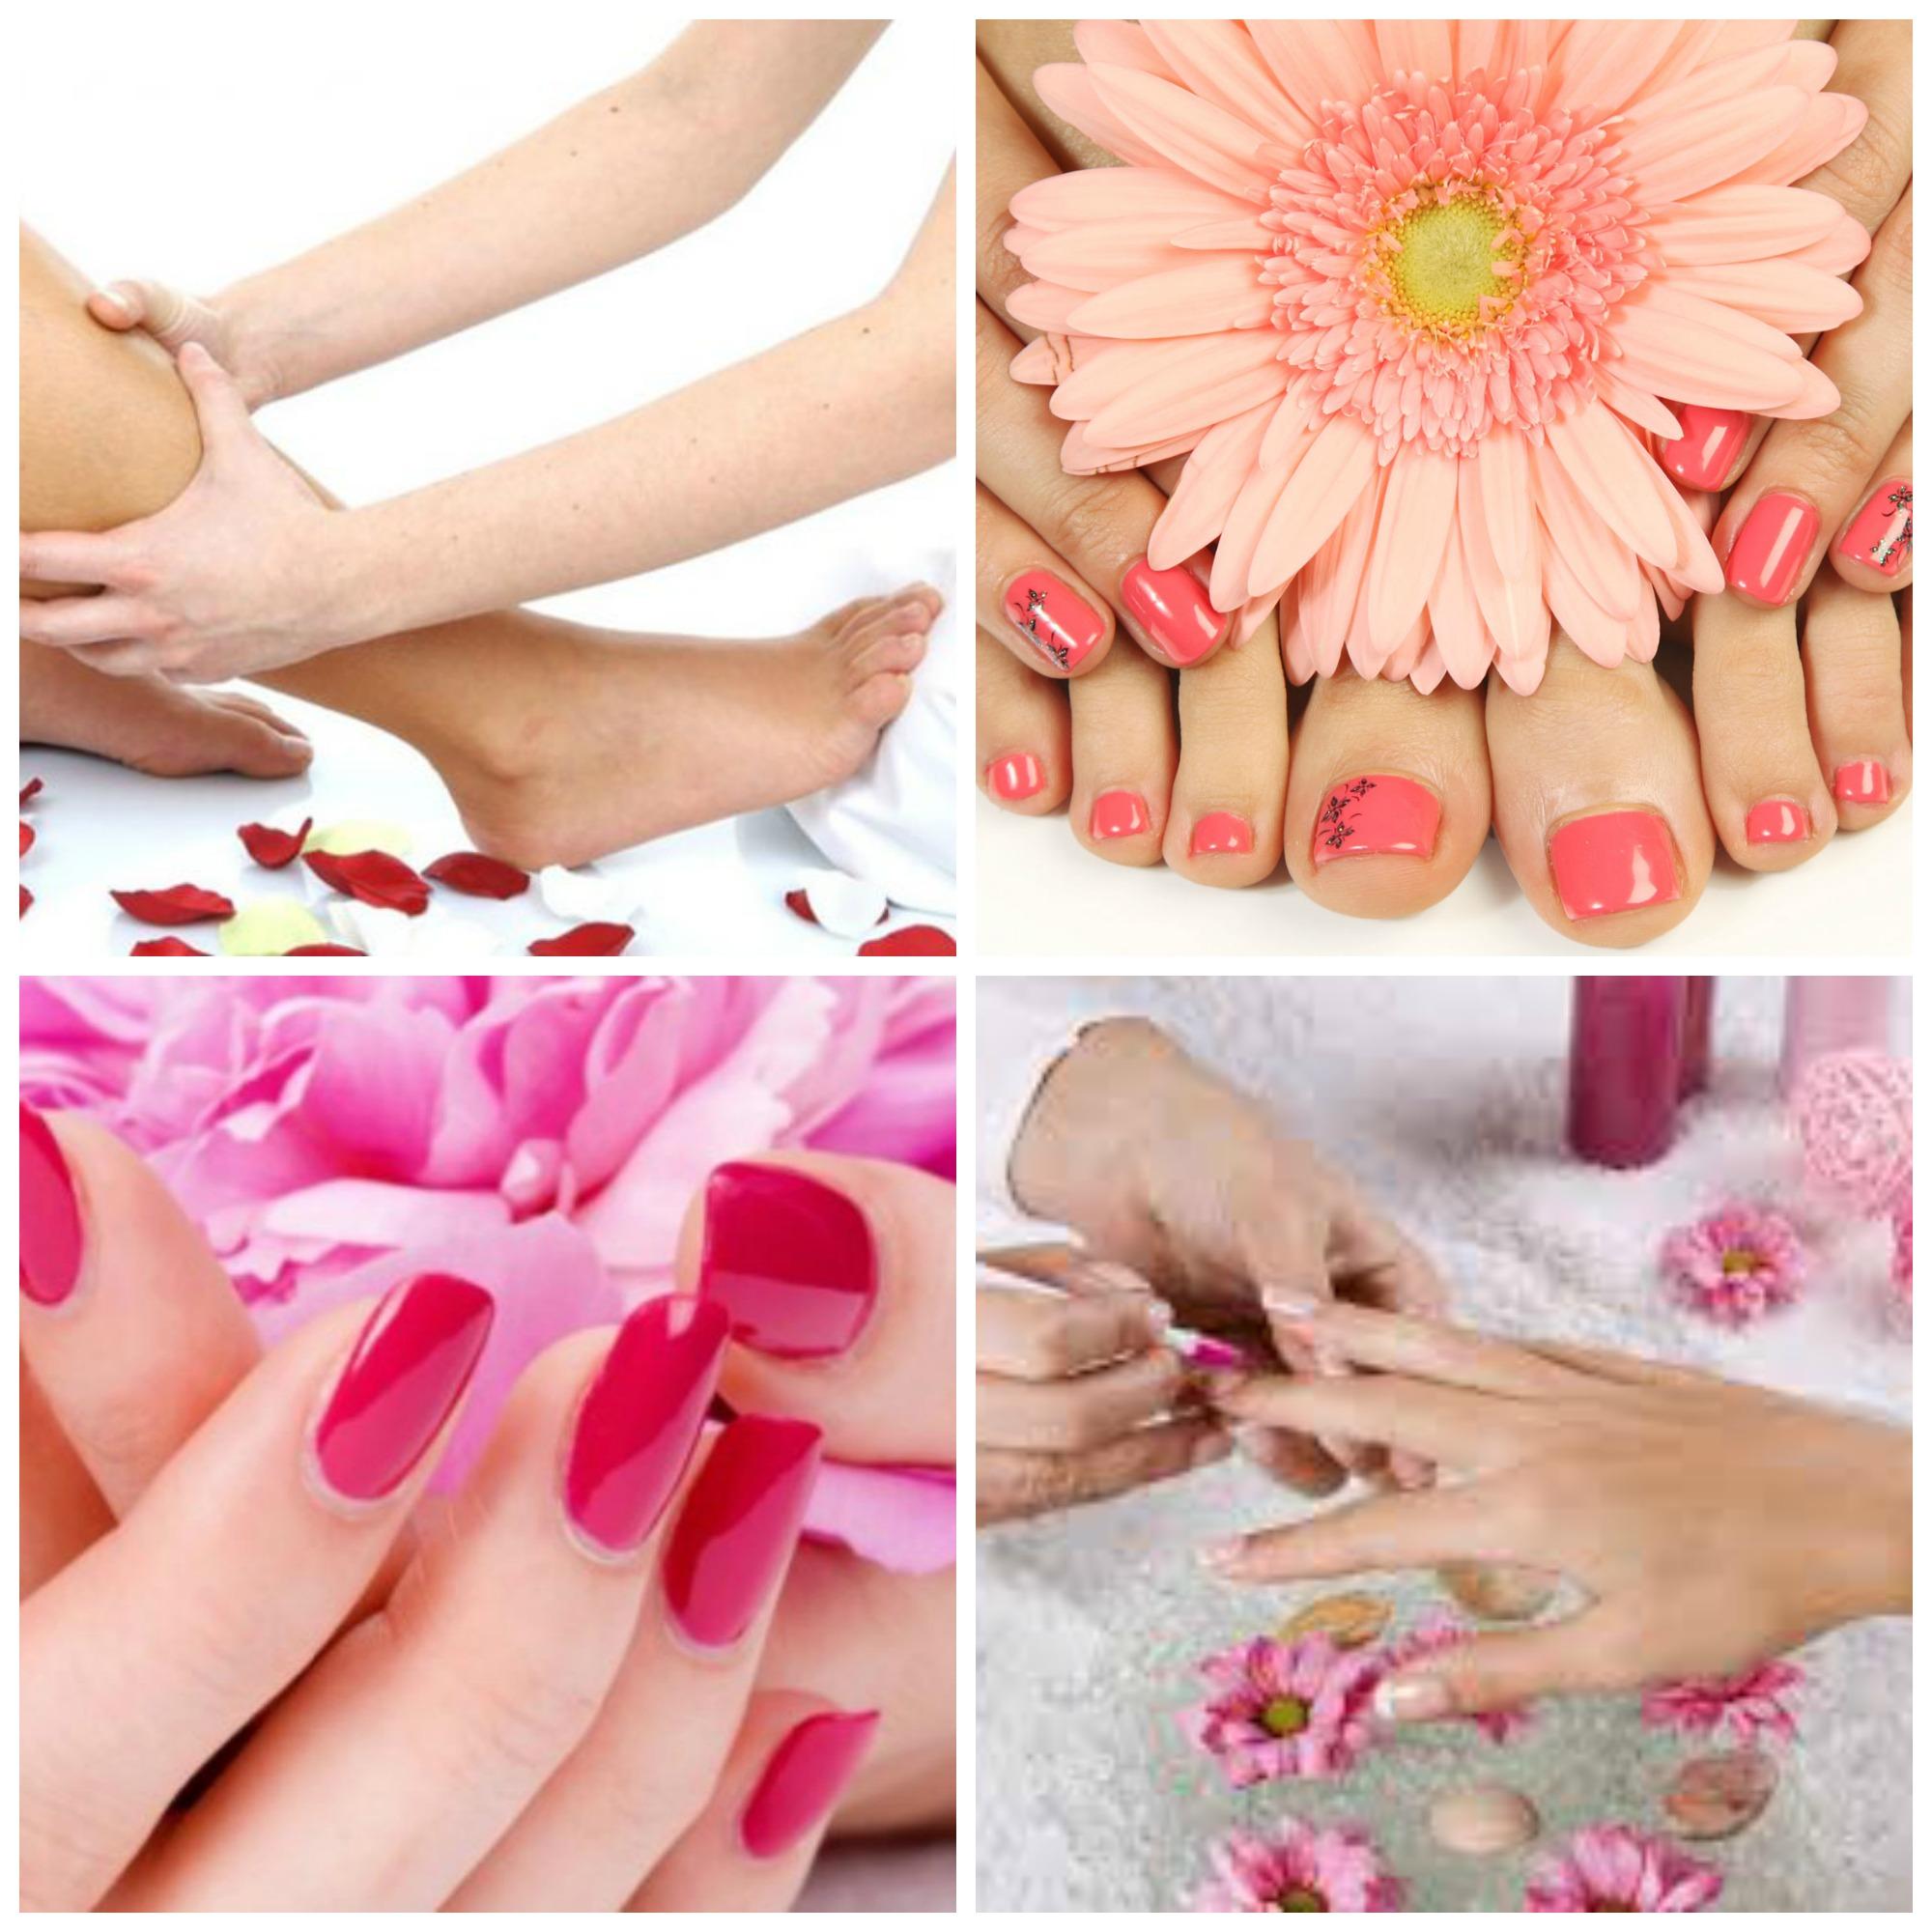 mejores promociones de belleza que tenemos para ti. Manicure, pedicure ...